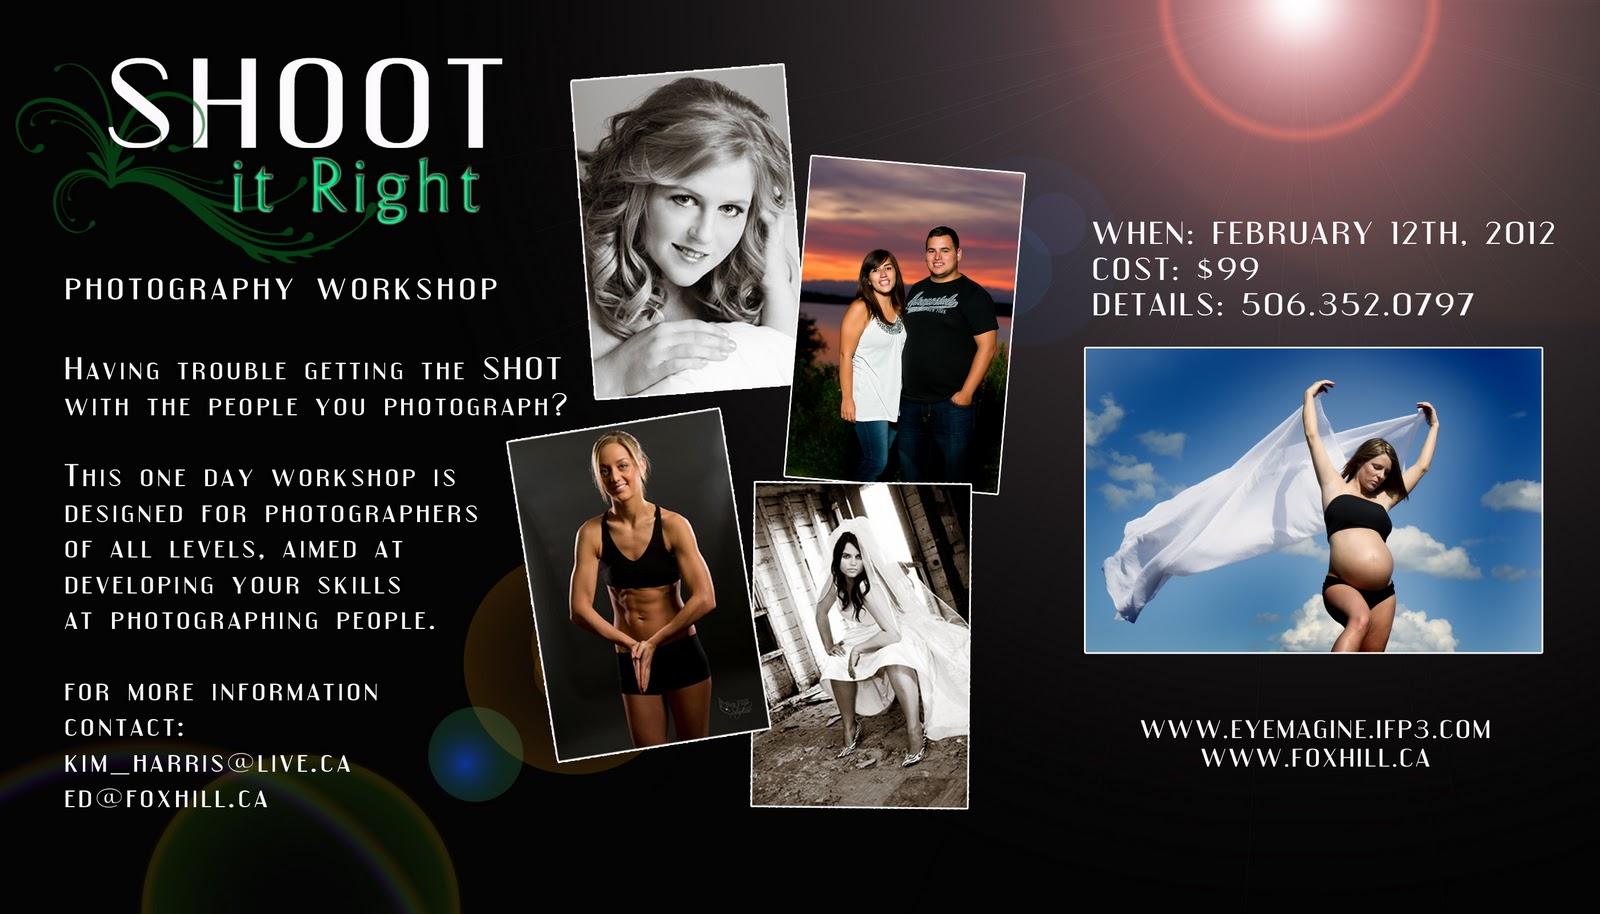 Shoot Photography Workshops: Eyemagine Photography